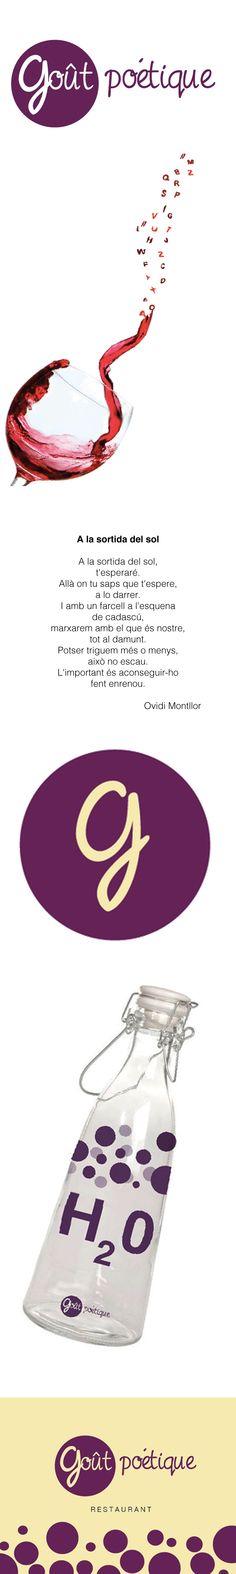 Goût poétique. Projecte (marca inventada) de Direcció d'Art en Publicitat de la Facultat de Comunicació Blanquerna, 2013